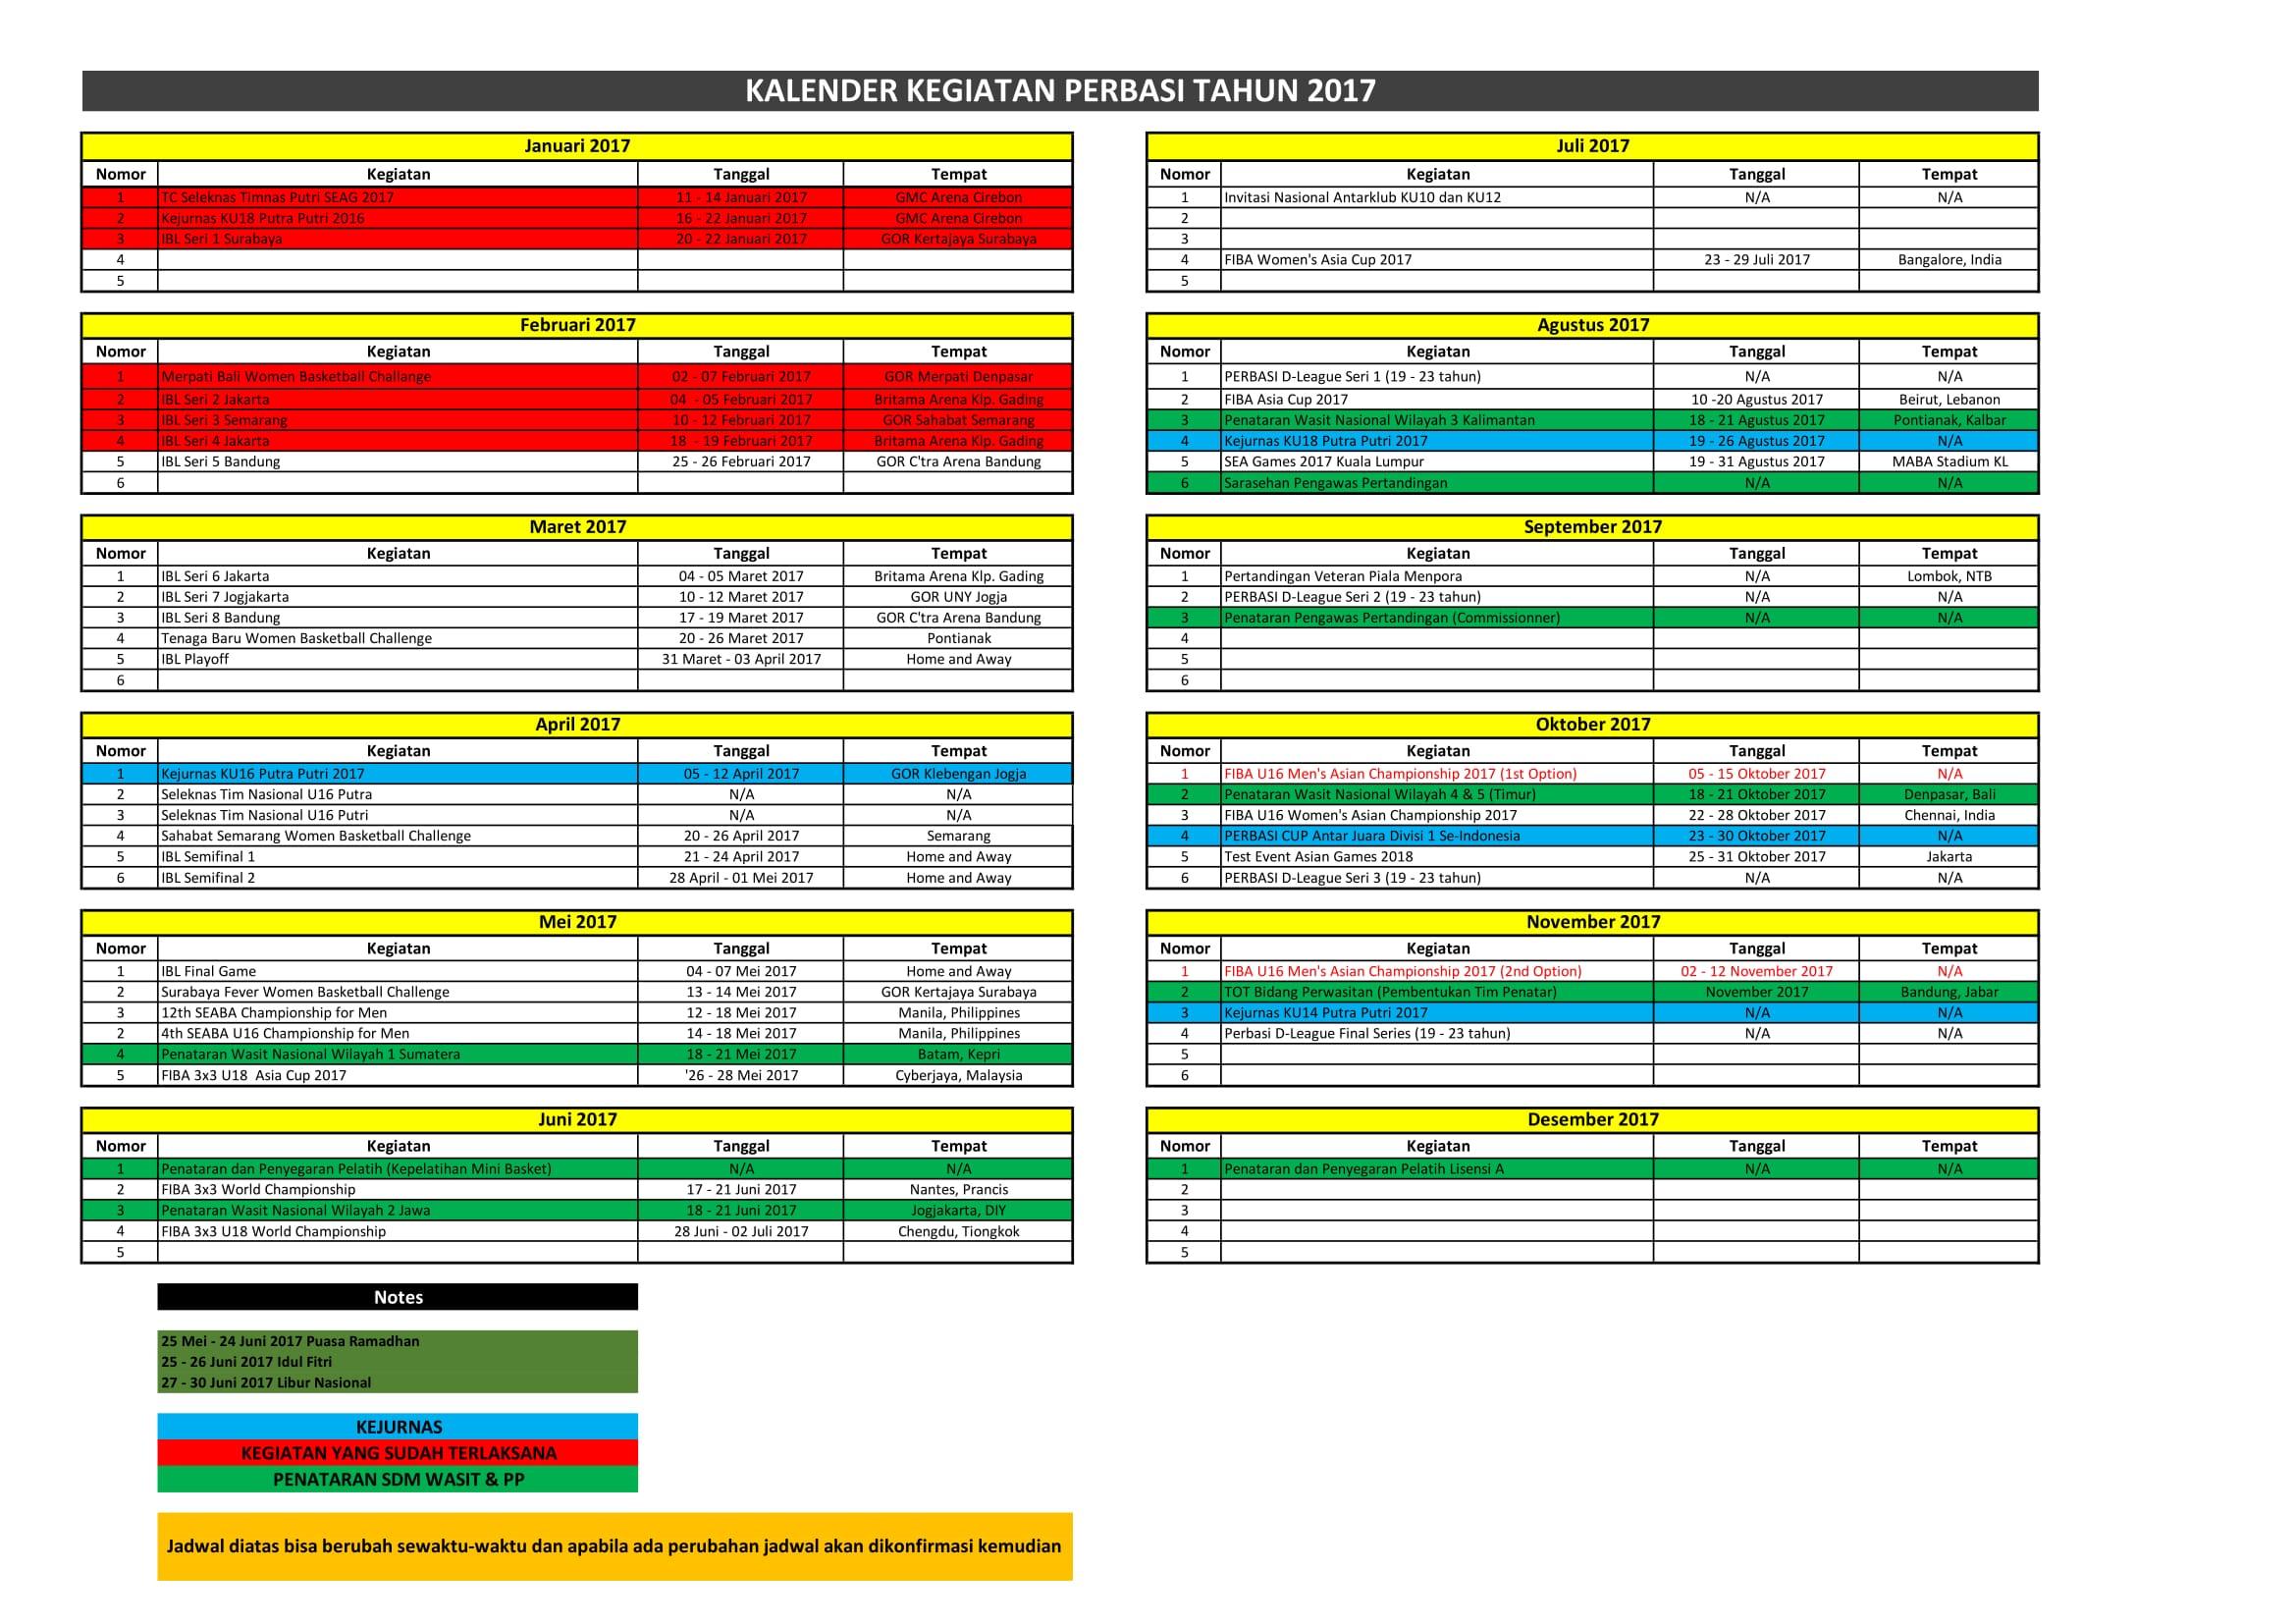 Kalender Kegiatan PP PERBASI 2017 Update 27 Feb 2017-1